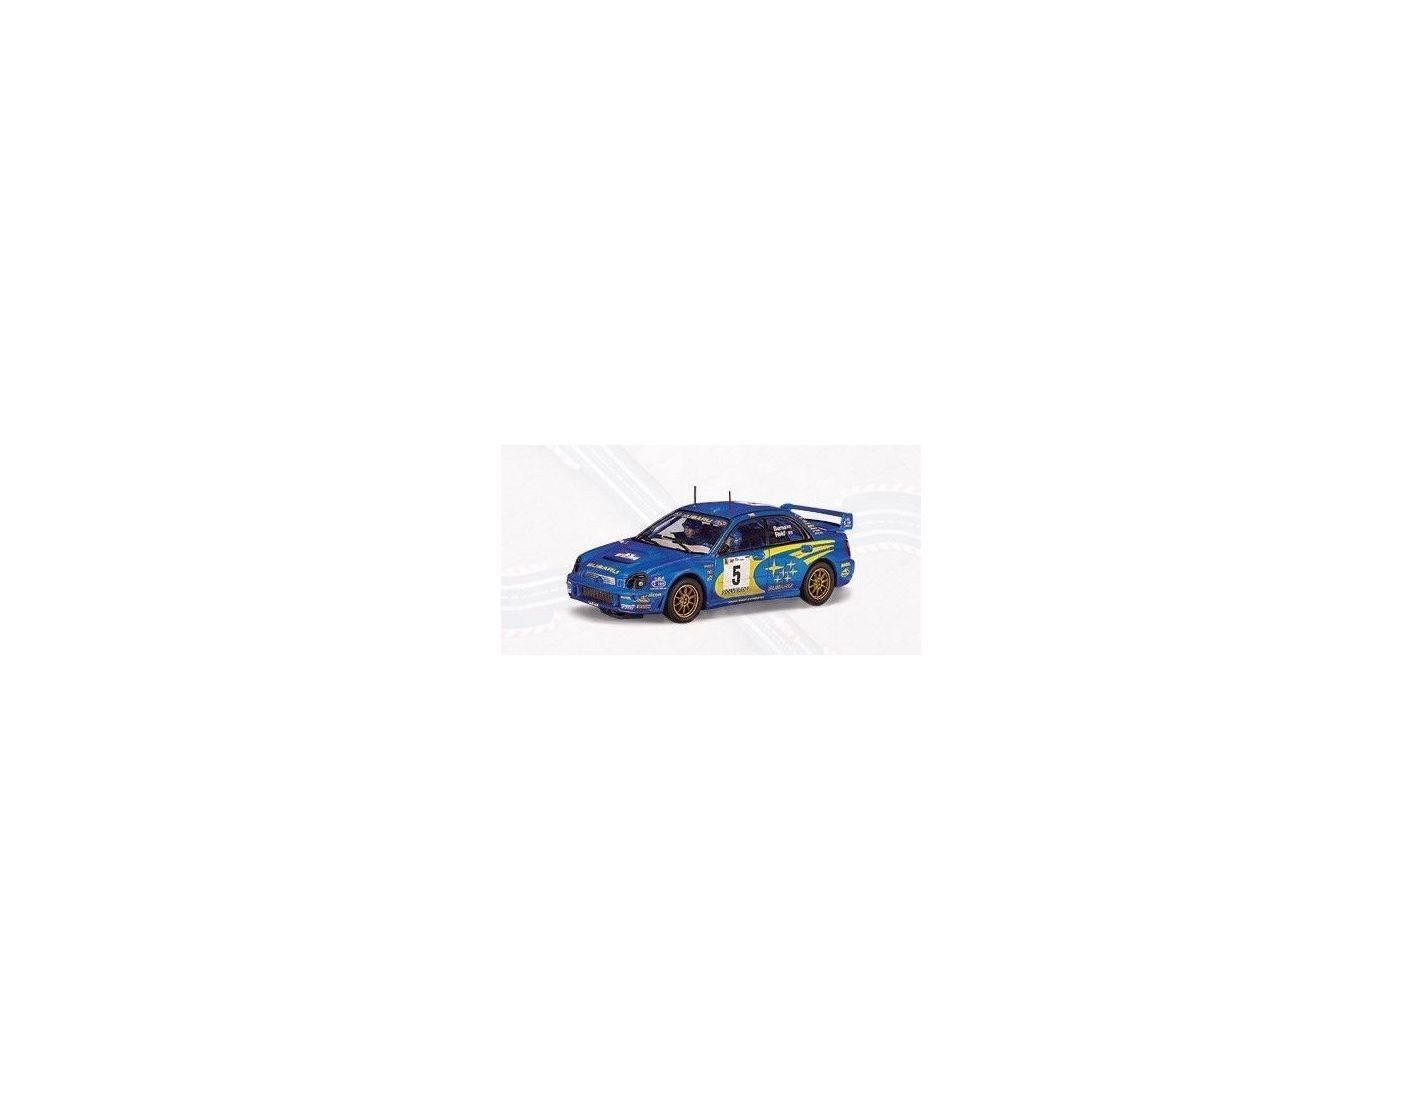 Auto Art / Gateway 13001 SUBARU IMPREZA WRC'01 n.5 BURNS 1/32 Modellino